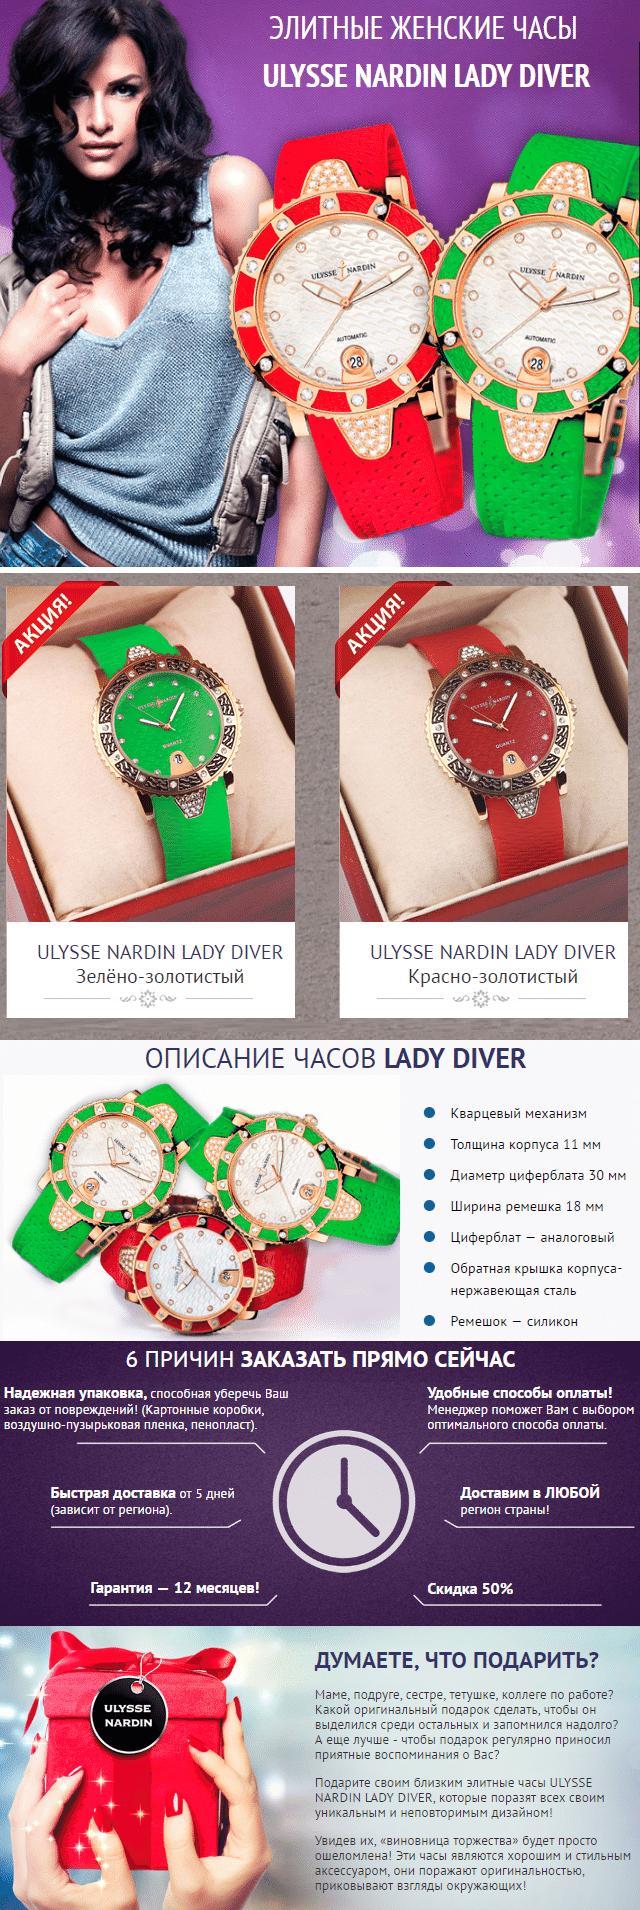 часы ulysse nardin lady diver купить